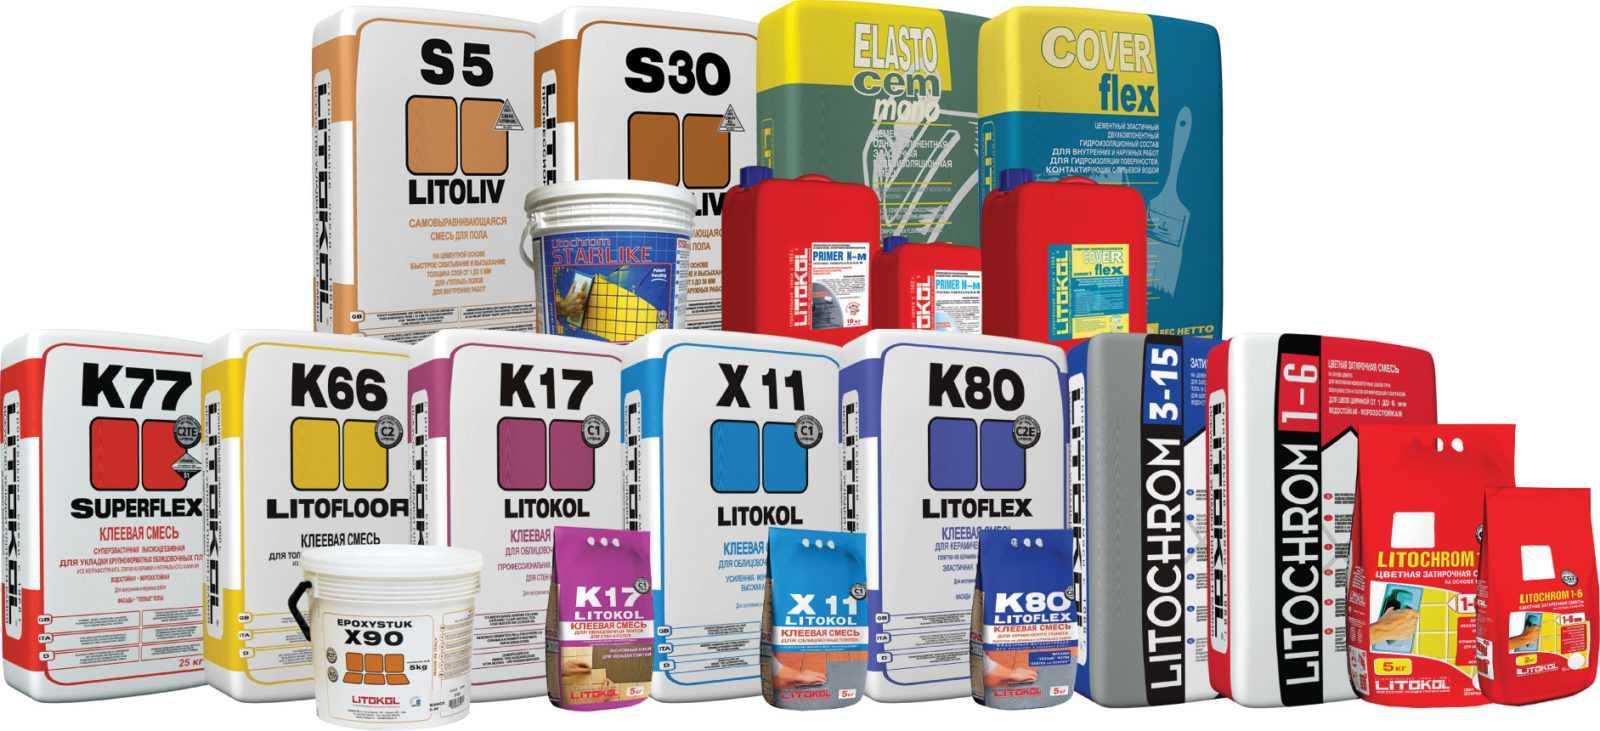 Клеевые продукты в упаковках Litokol